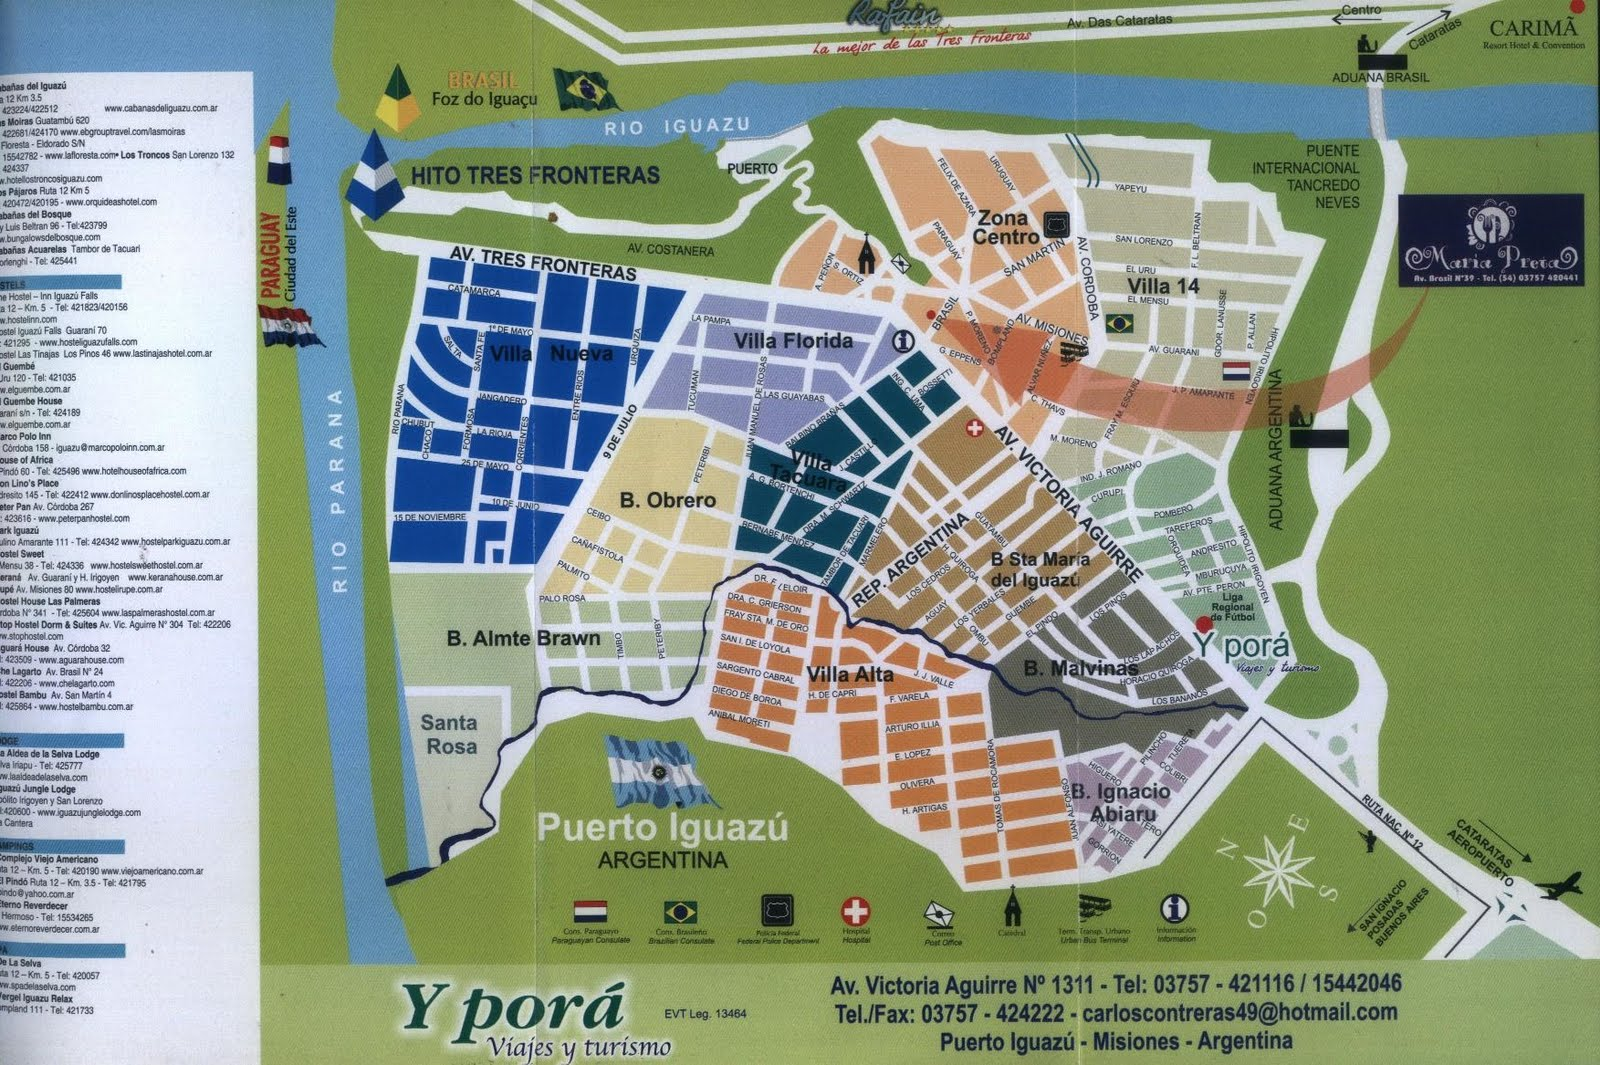 Puerto Iguazu Argentina  City pictures : Mapas de Puerto Iguazu Argentina MapasBlog